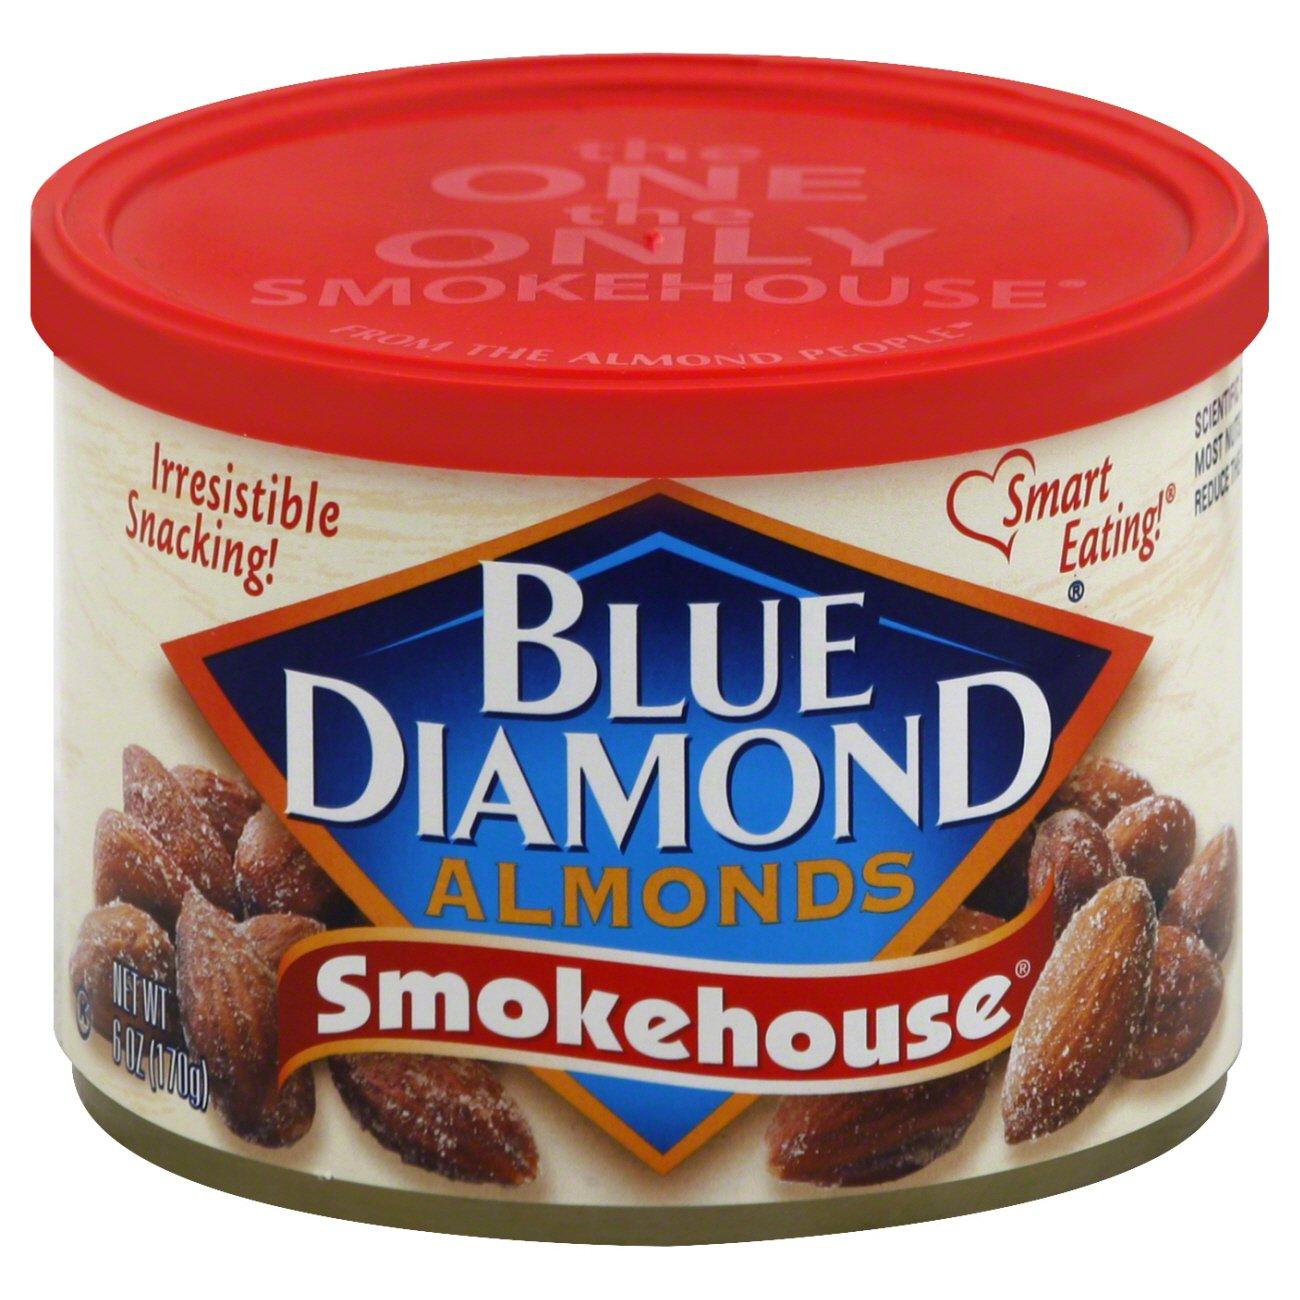 Blue Diamond Smokehouse Almonds - Shop